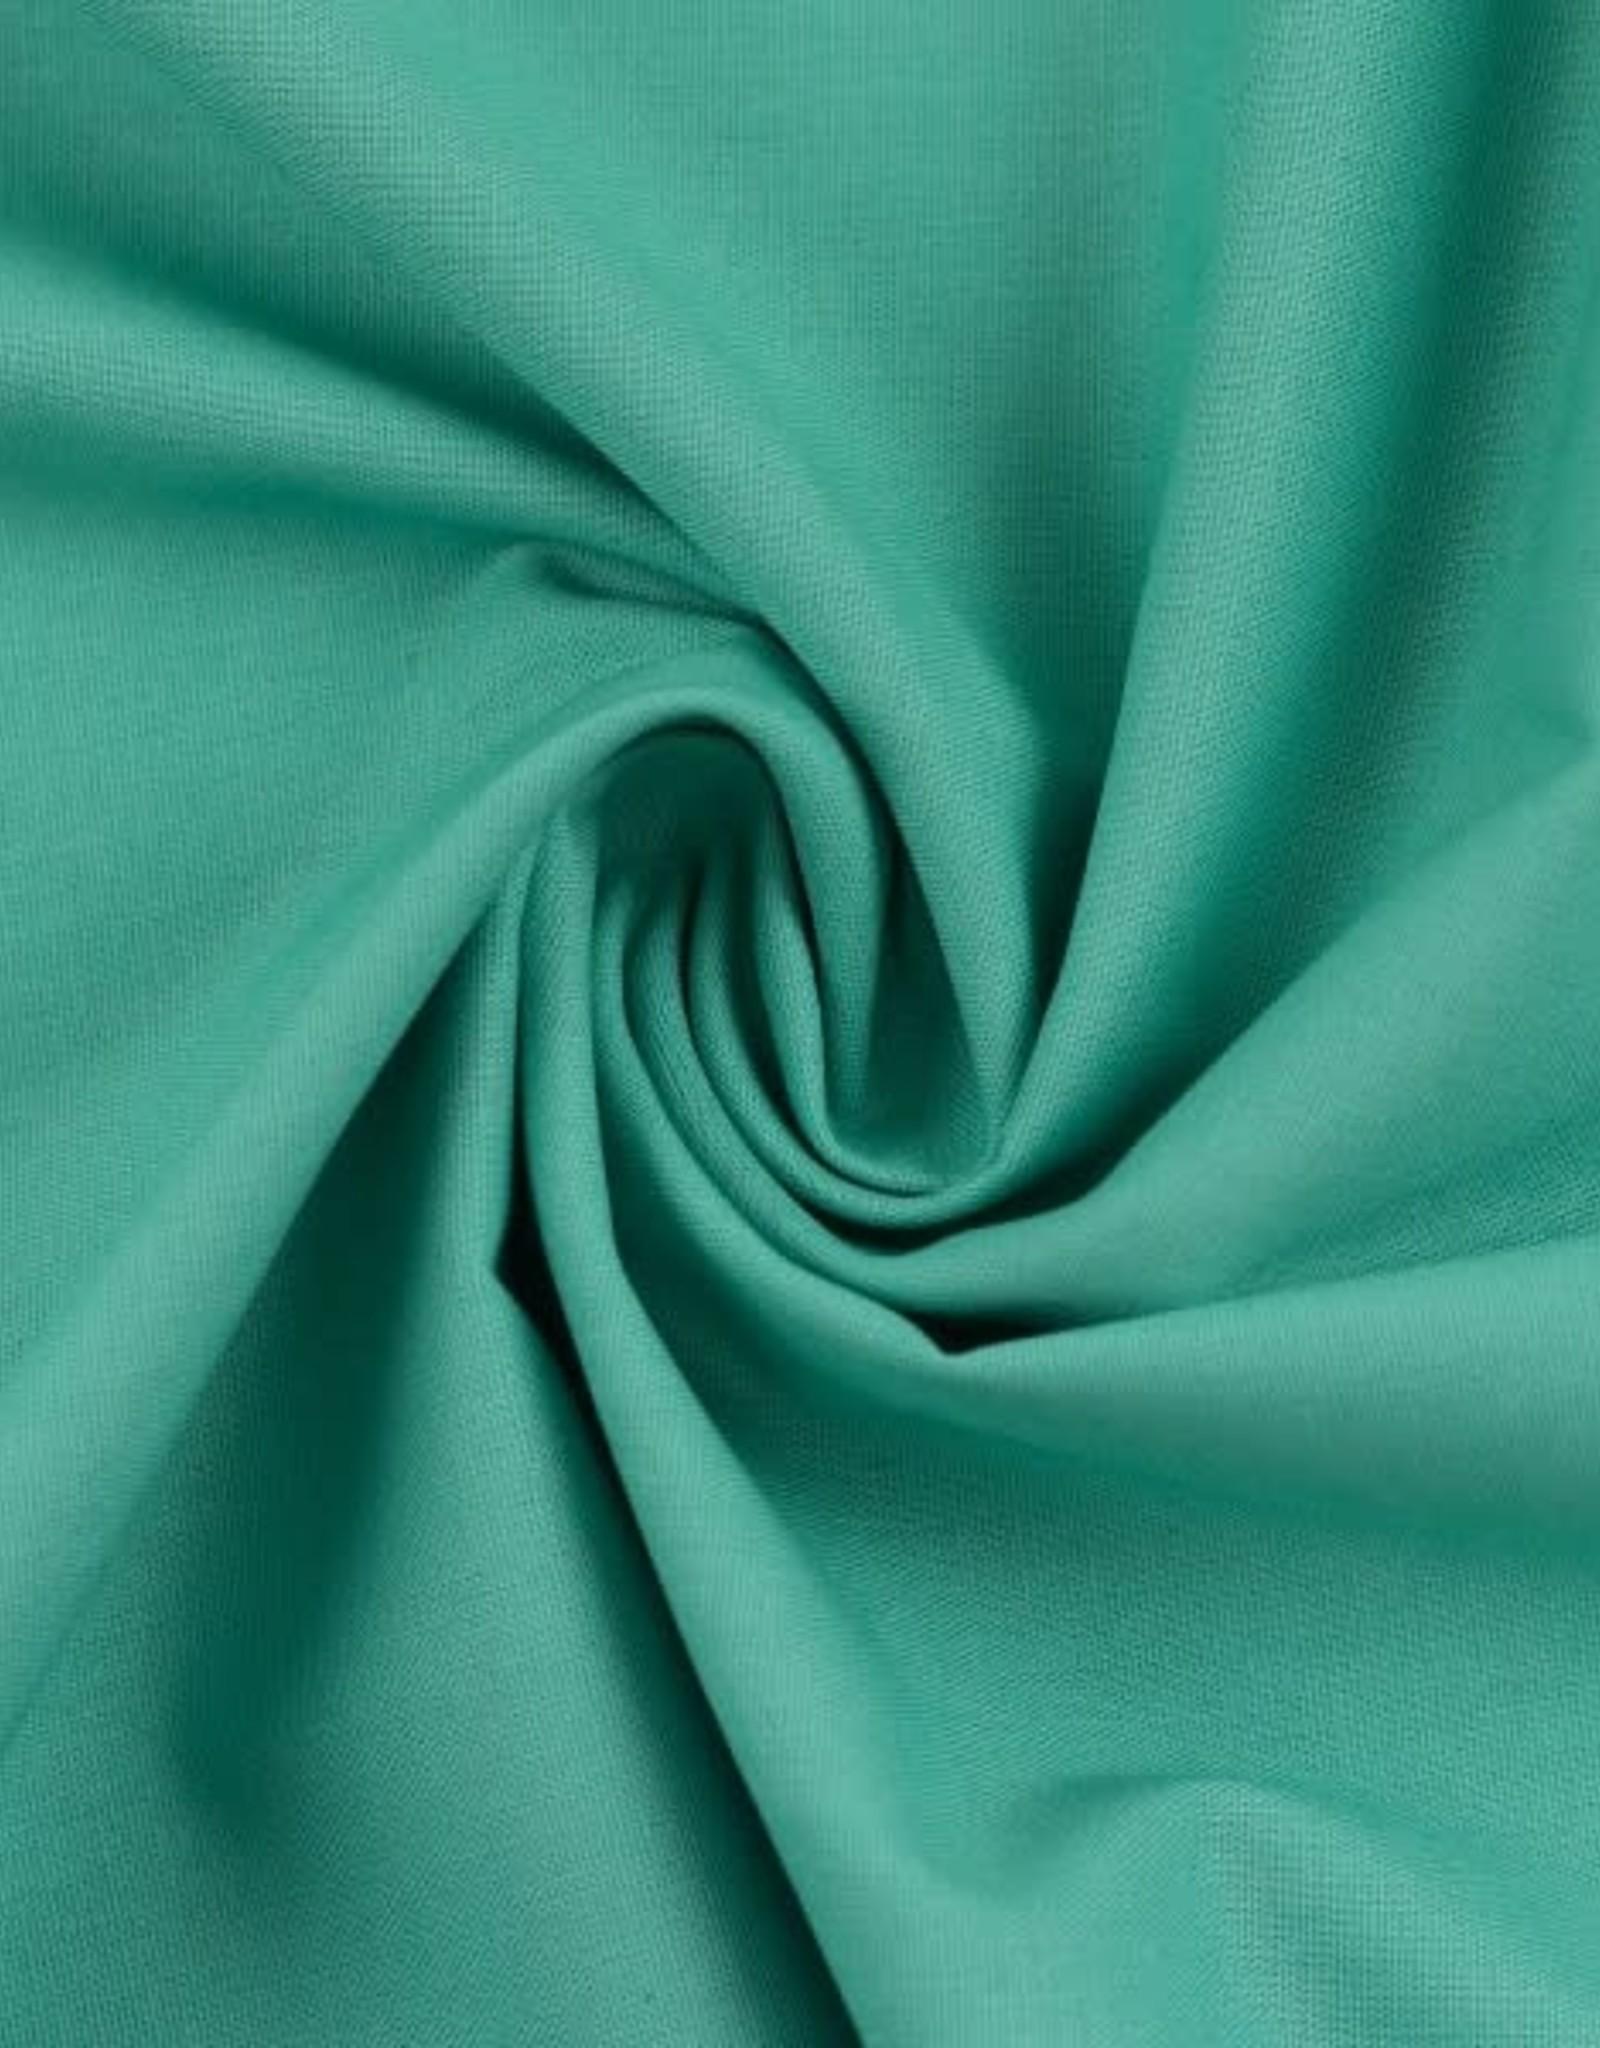 Uni Katoen - Turquoise